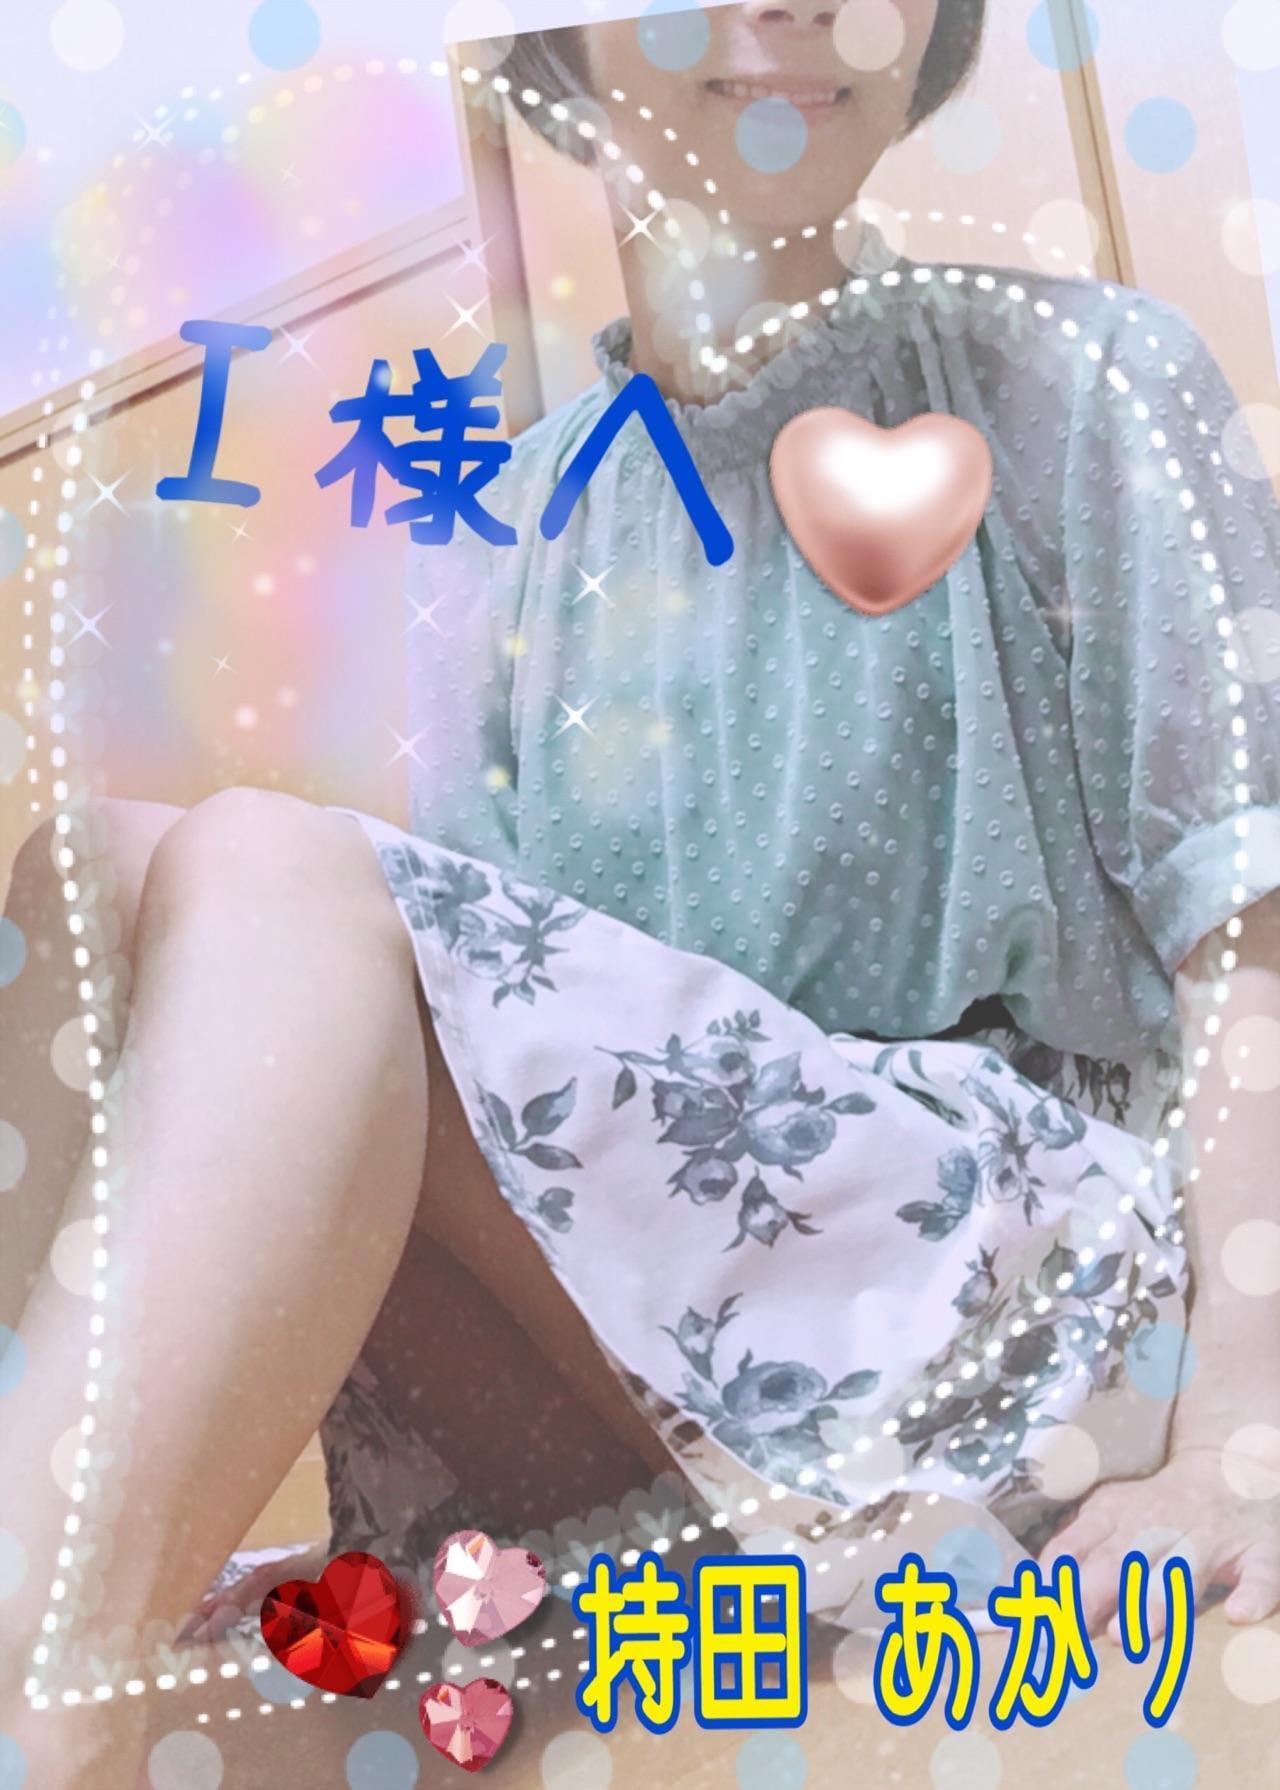 「昨日のお礼です☆I様☆」07/16日(月) 08:32 | 持田あかりの写メ・風俗動画